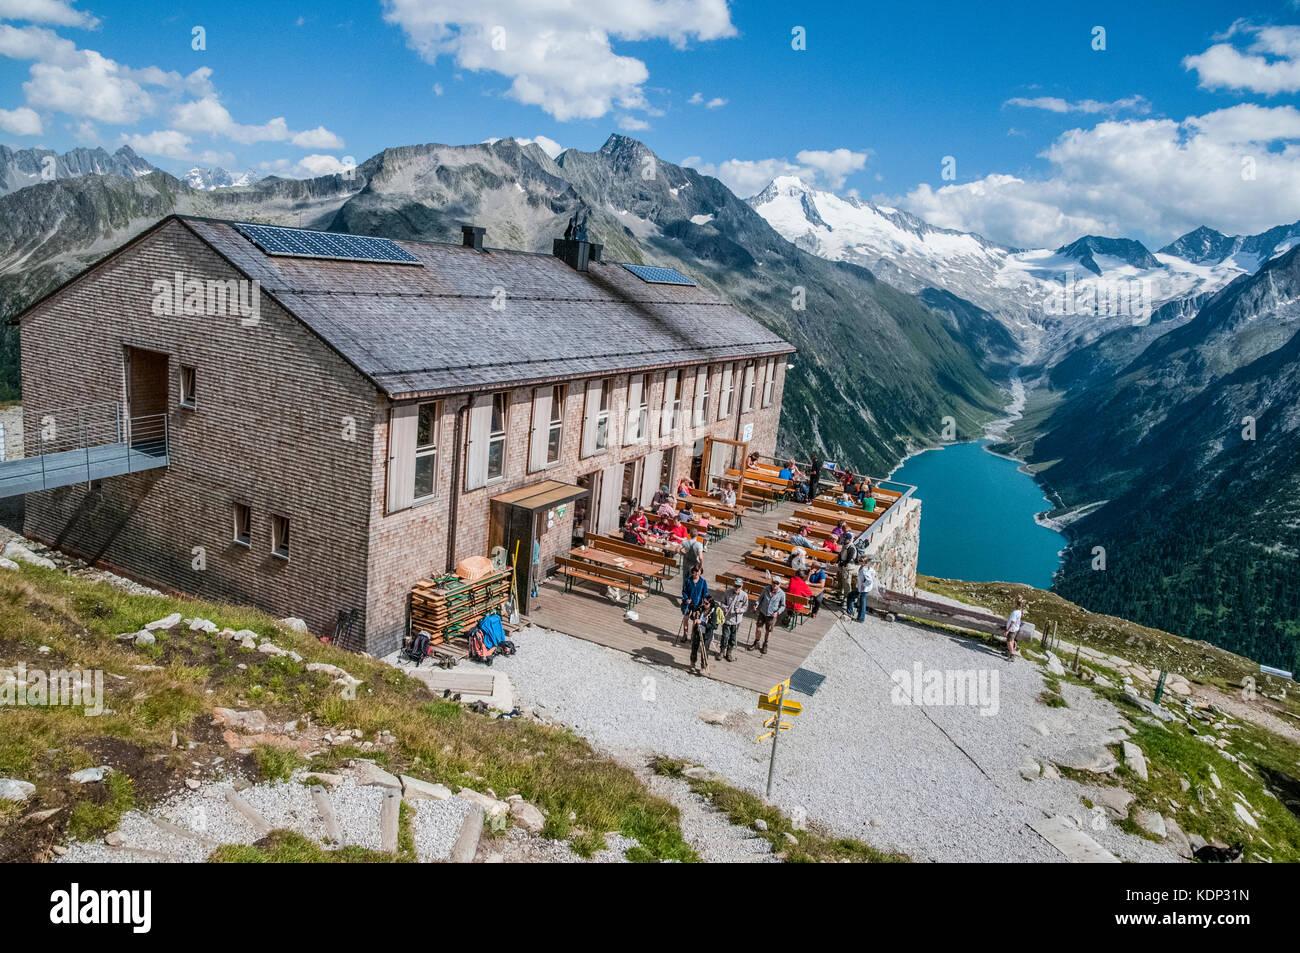 L 39 olperer capanna rifugio di montagna nelle alpi dello for Rifugio in baita di montagna